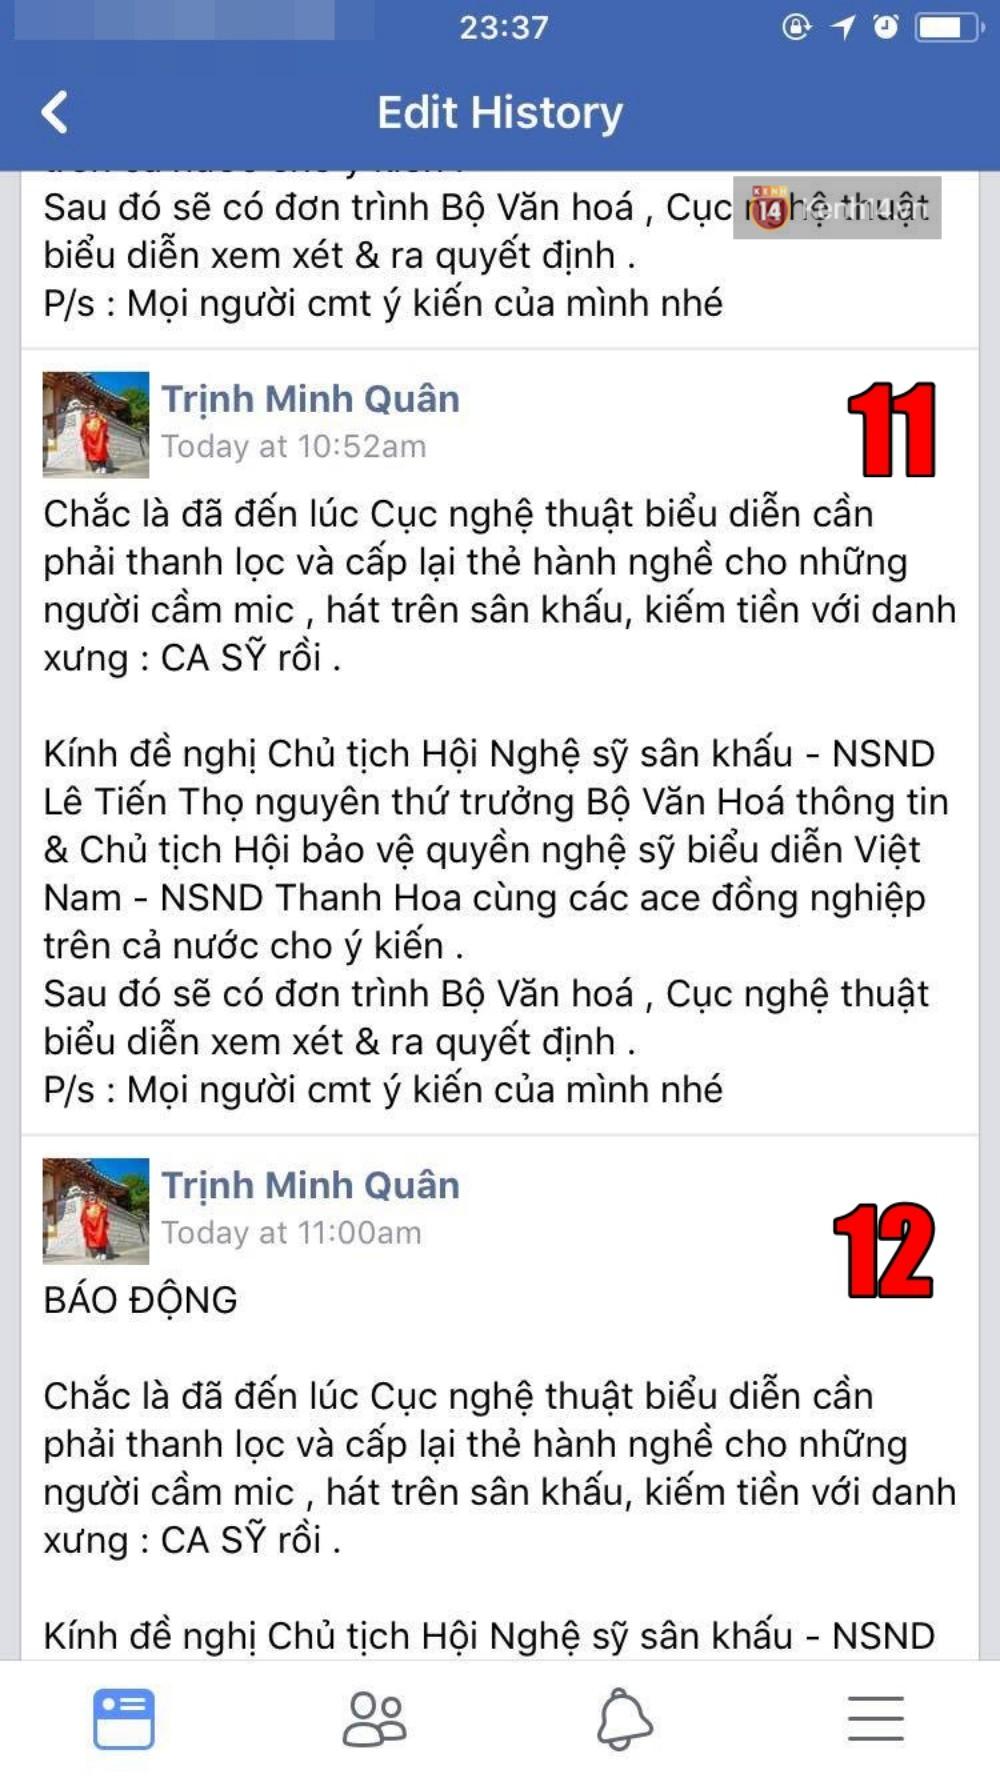 Người ta uốn lưỡi 7 lần trước khi nói, còn Minh Quân sửa hẳn MƯỜI TÁM lần khi đăng status dài 3 dòng đá xéo Chipu - Ảnh 7.